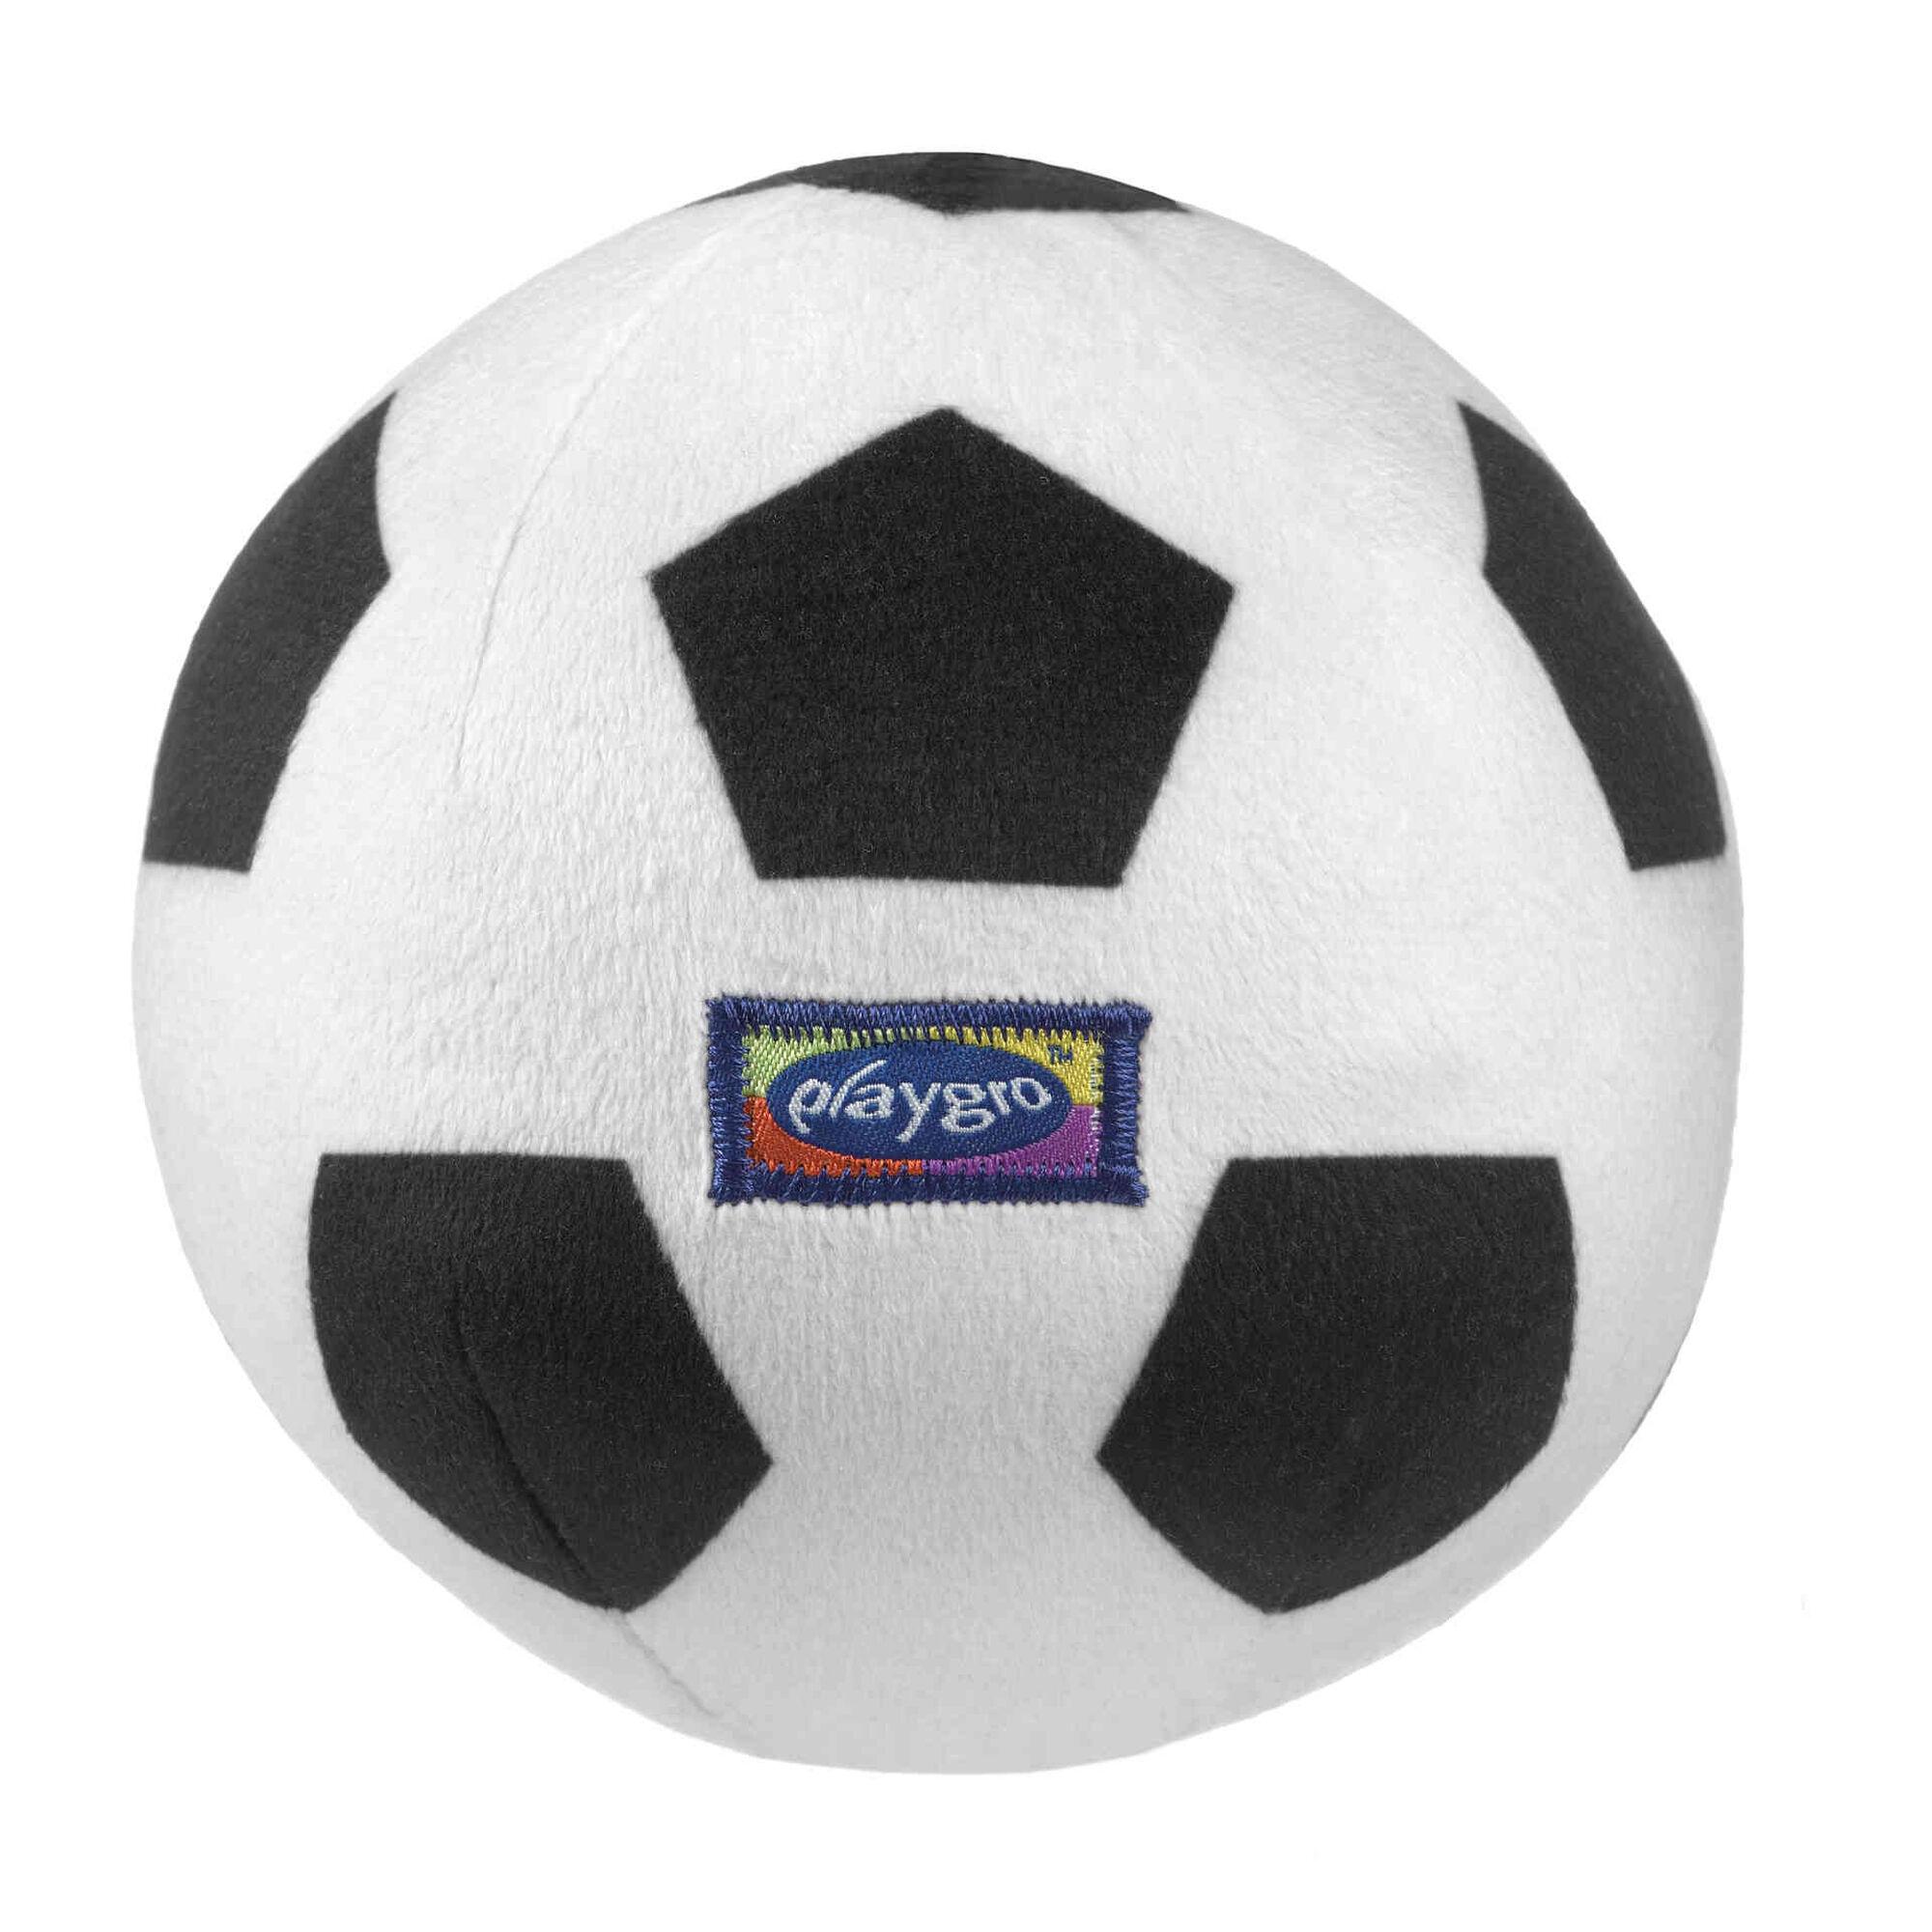 A Minha Primeira Bola